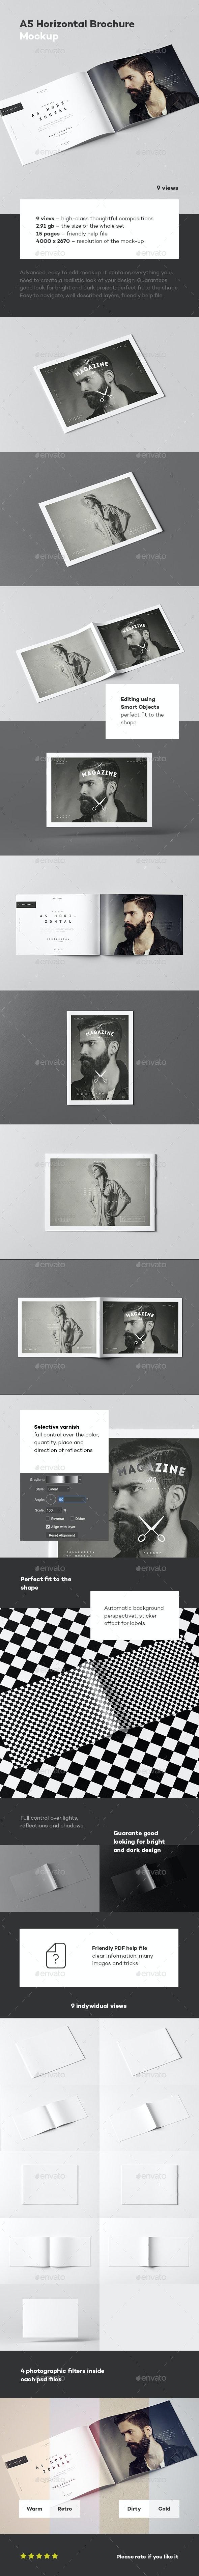 A5 Horiozontal Brochure Mock-up - Brochures Print